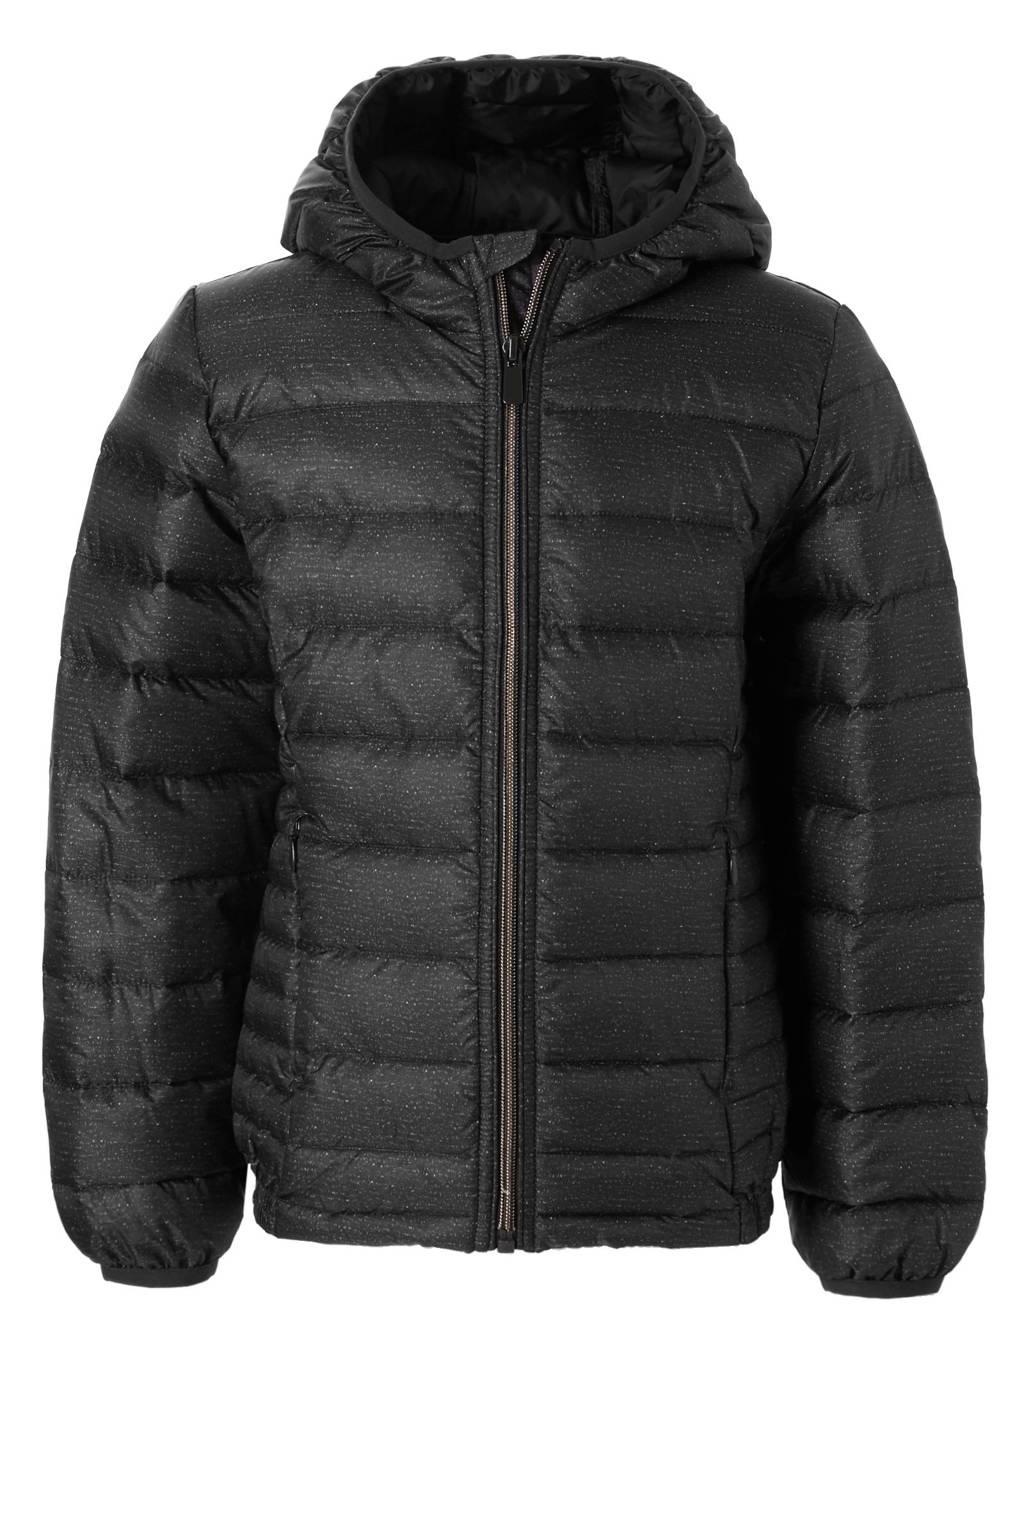 C&A Here & There gewatteerde winterjas, Zwart